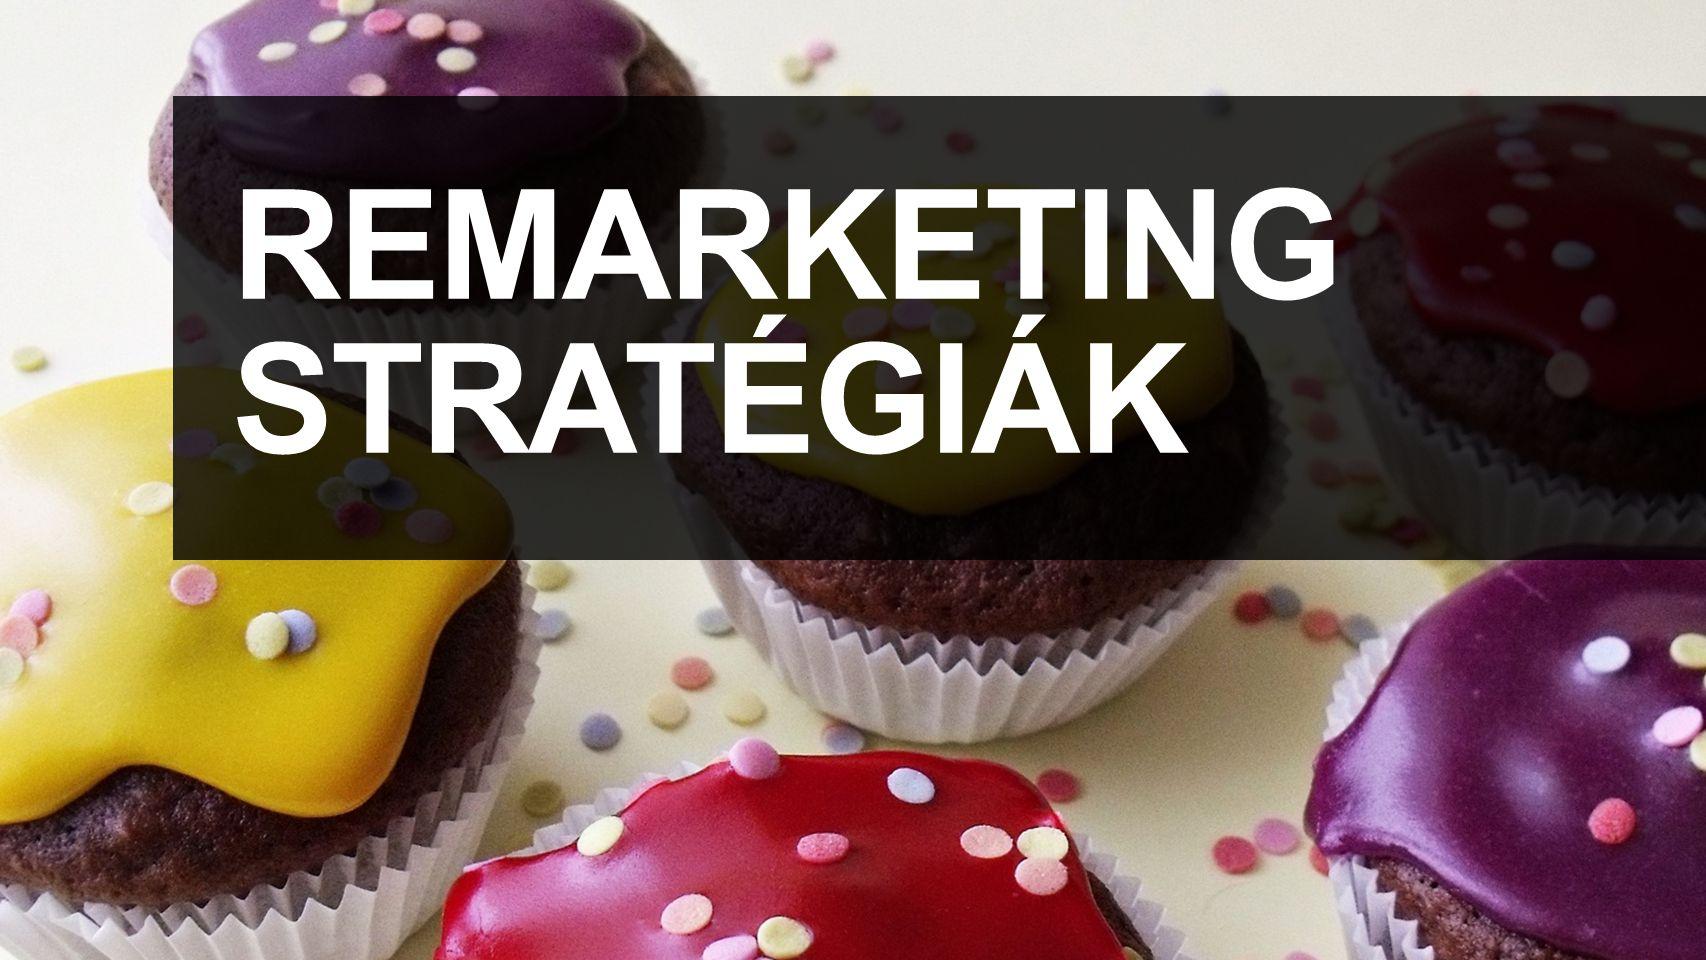 Kocsis Márk üzletágvezető, Digitális Marketing Tanácsadás linkedin.com/in/kocsismark